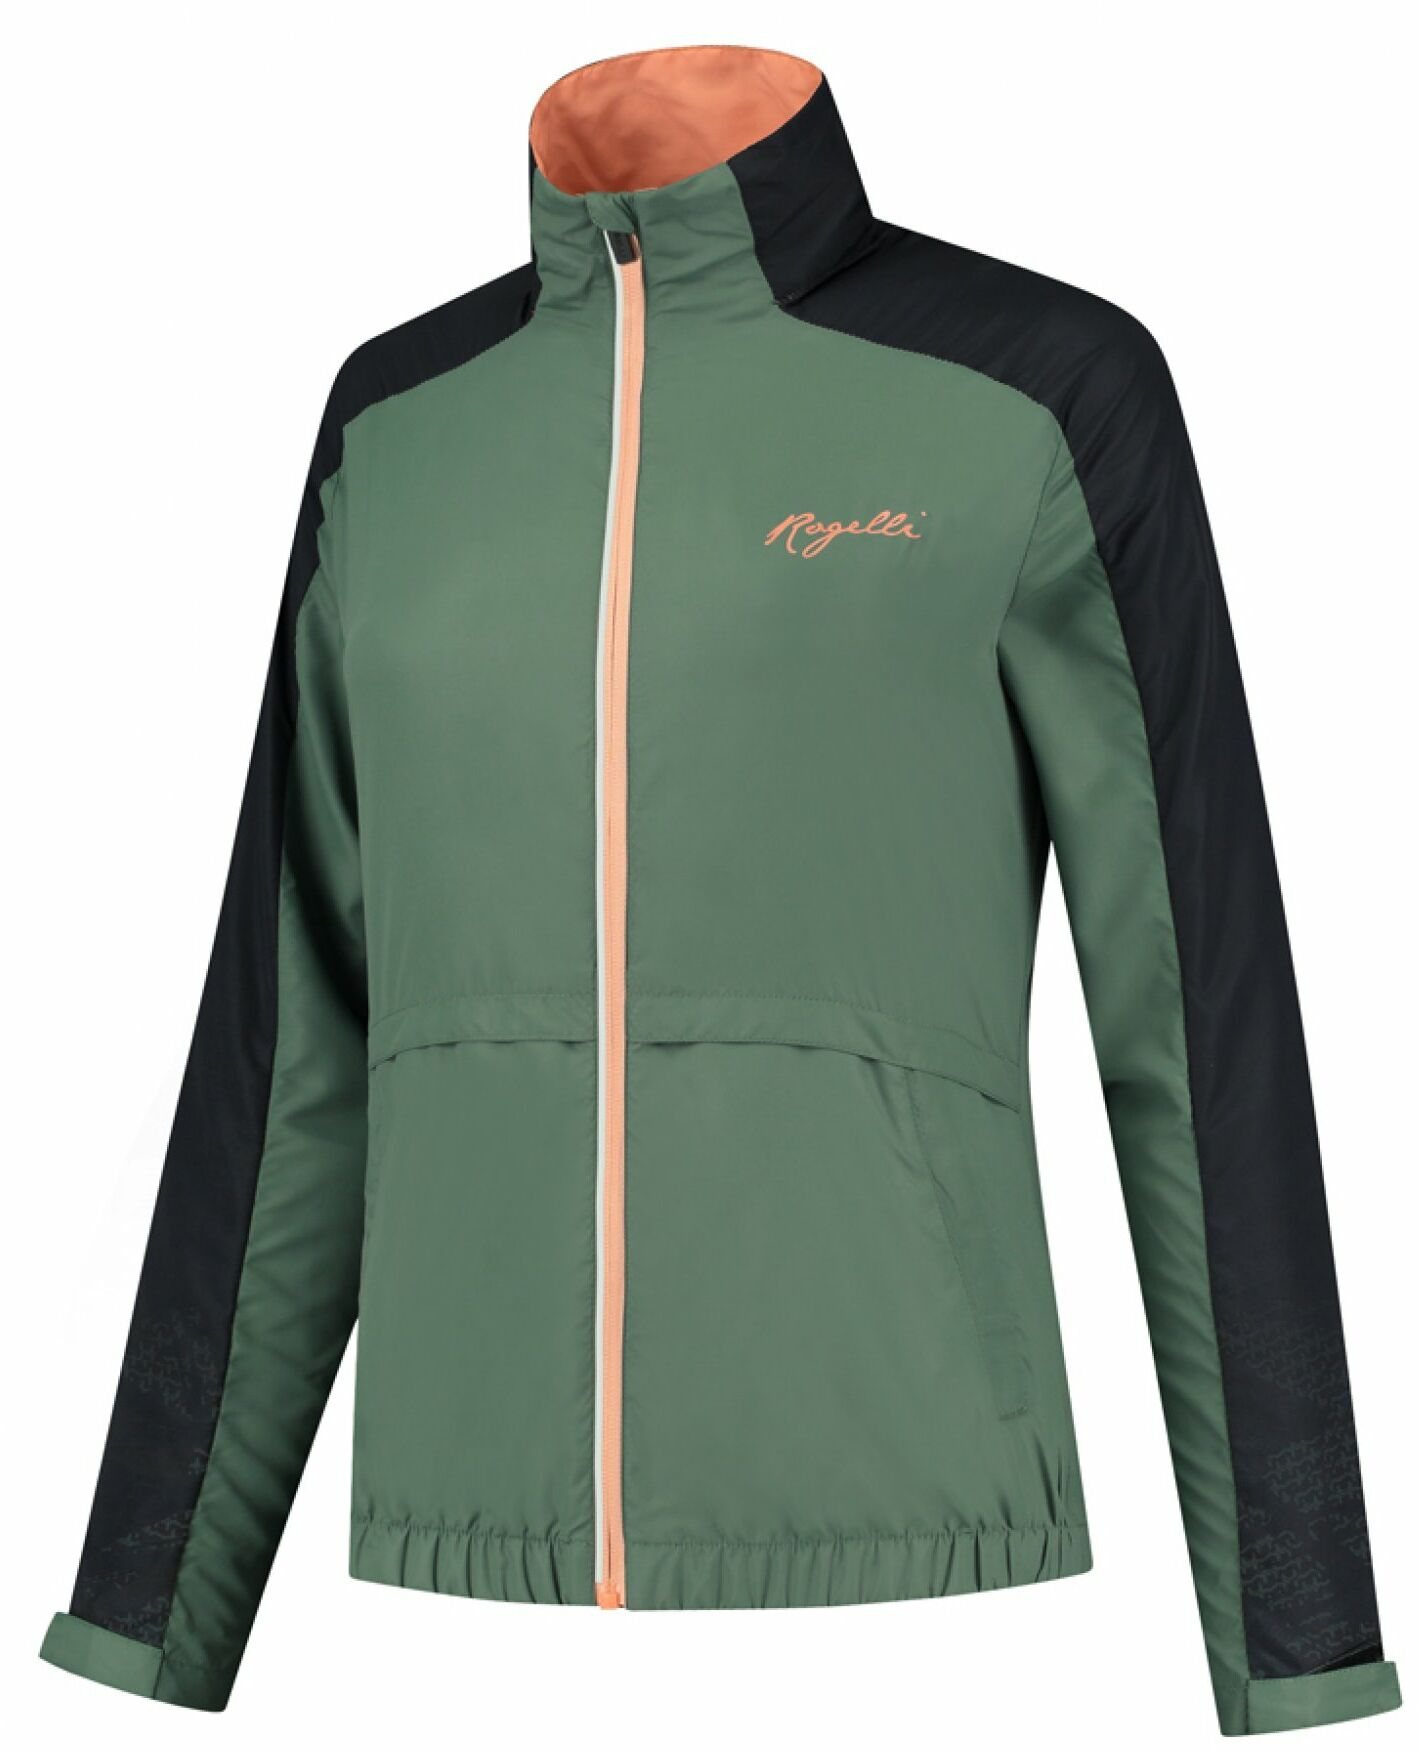 Rogelli kurtka damska do biegania SNAKE, Khaki, ROG351111 Rozmiar: XL,ROG351111.XS